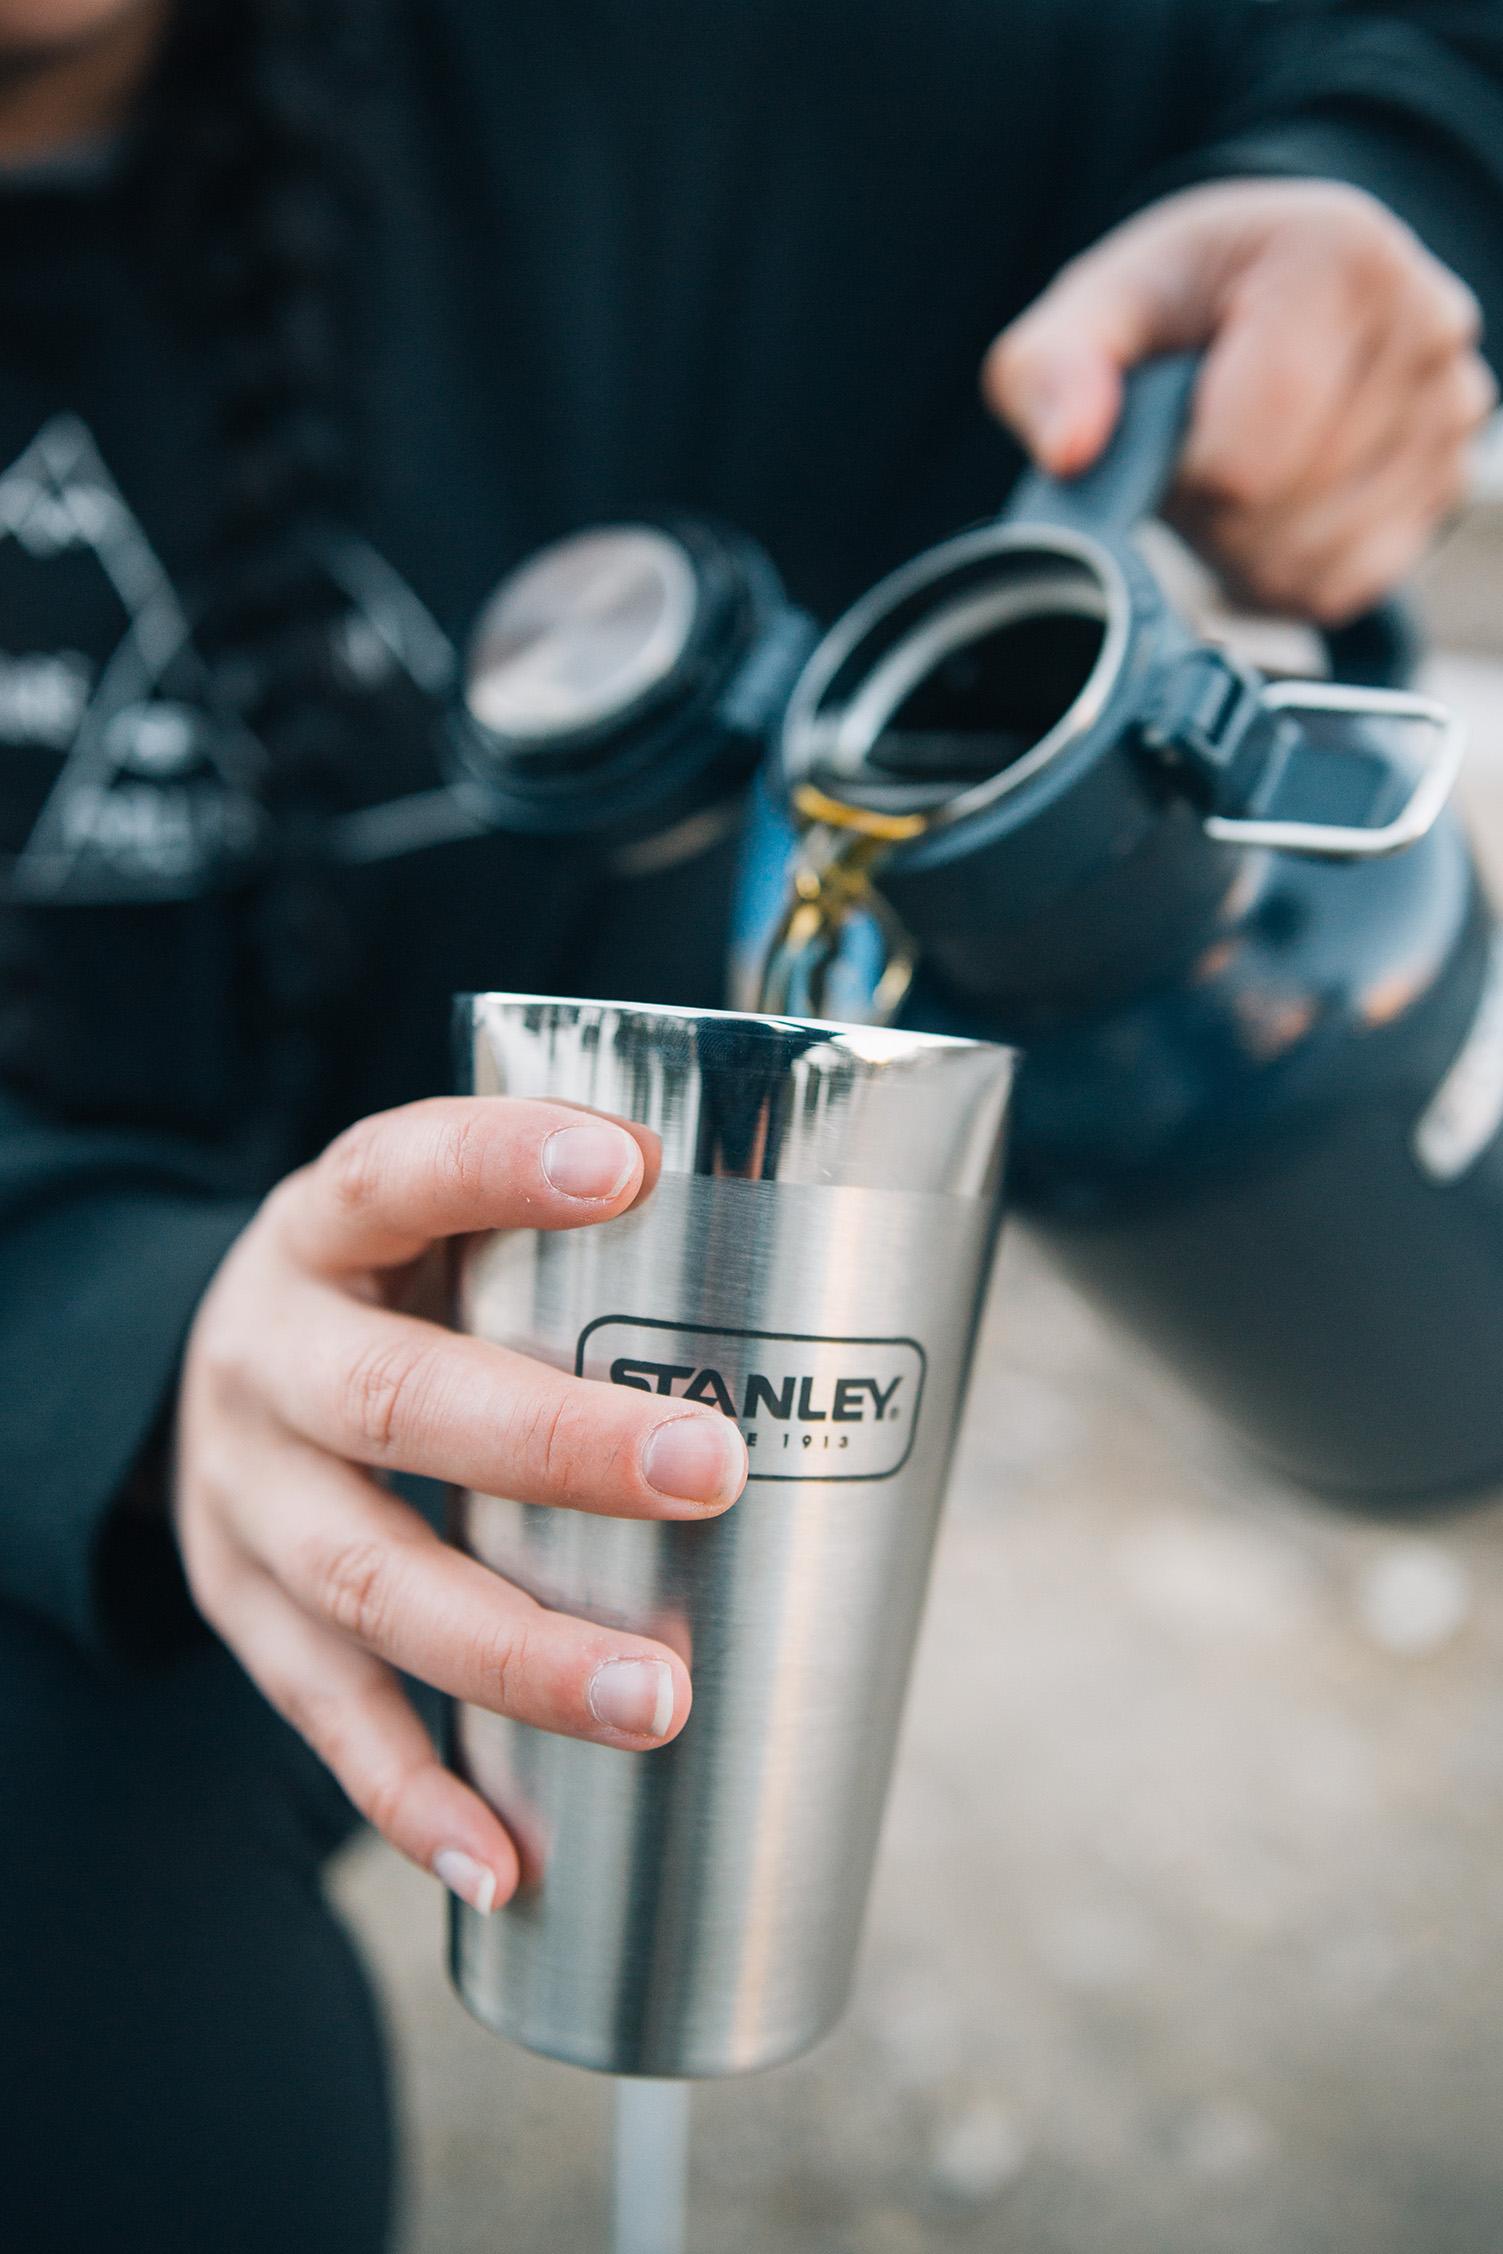 stanley-pmi-pint-cup-beer-drink-lifestyle-utah.jpg